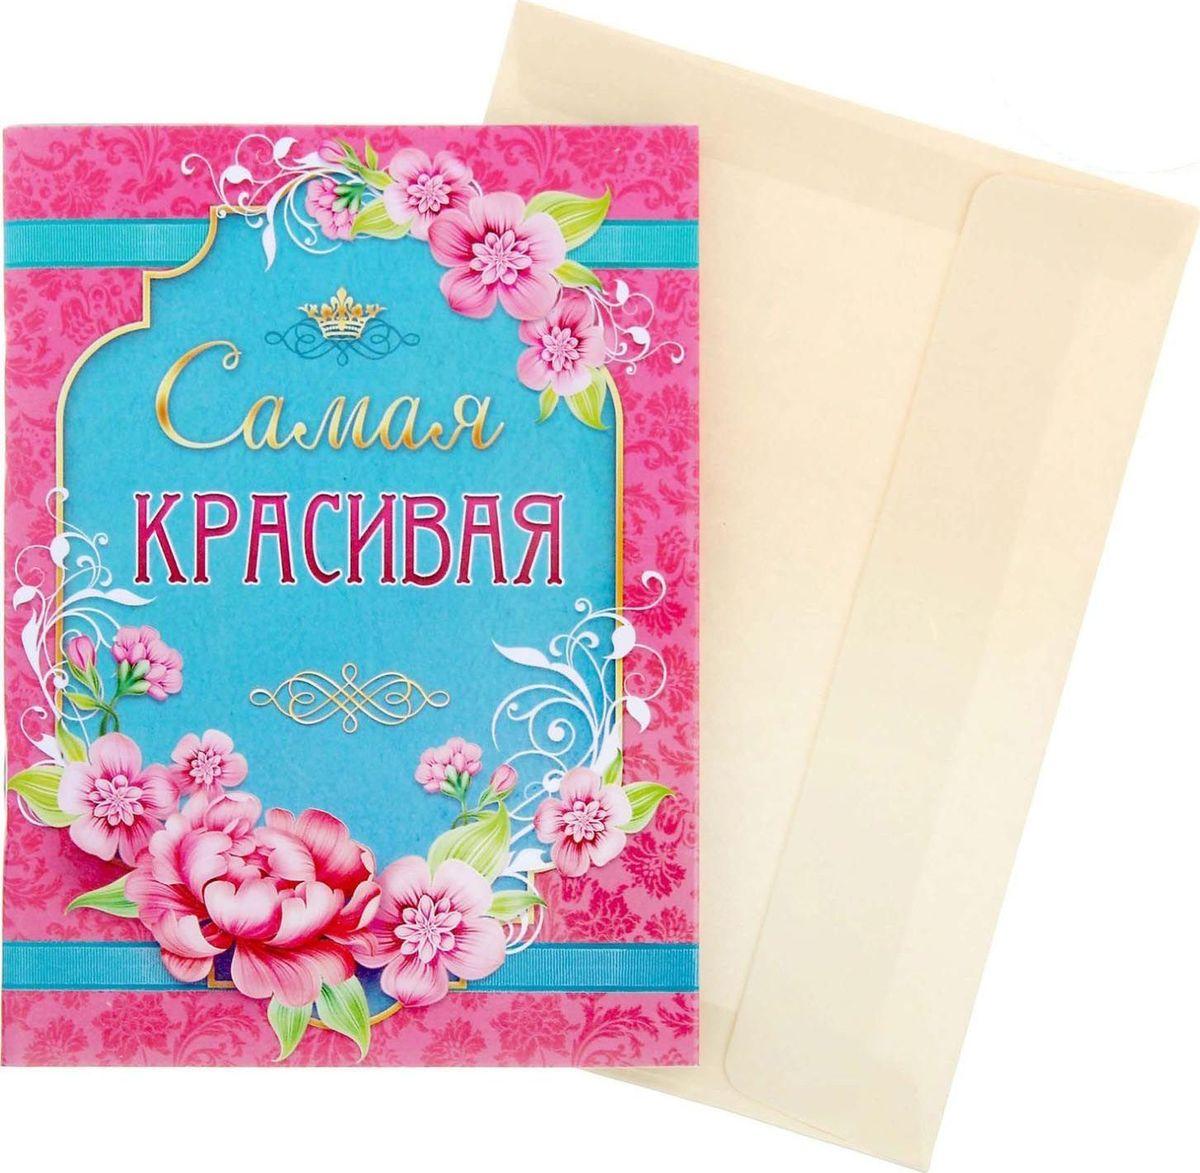 Блокнот-открытка Самая красивая 32 листа72523WDБлокнот-открытка Самая красивая, 32 листа сочетает в себе красоту и практичность. Он содержит приятные пожелания от близких людей, а 32 дизайнерских листа с бархатной фактурой подарят отличное настроение владельцу. В отличие от обычной открытки, которая будет пылиться в шкафу, блокнотом приятно пользоваться! Изделие дополнено универсальным конвертом, подпишите его и вручите сувенир адресату на любой праздник.